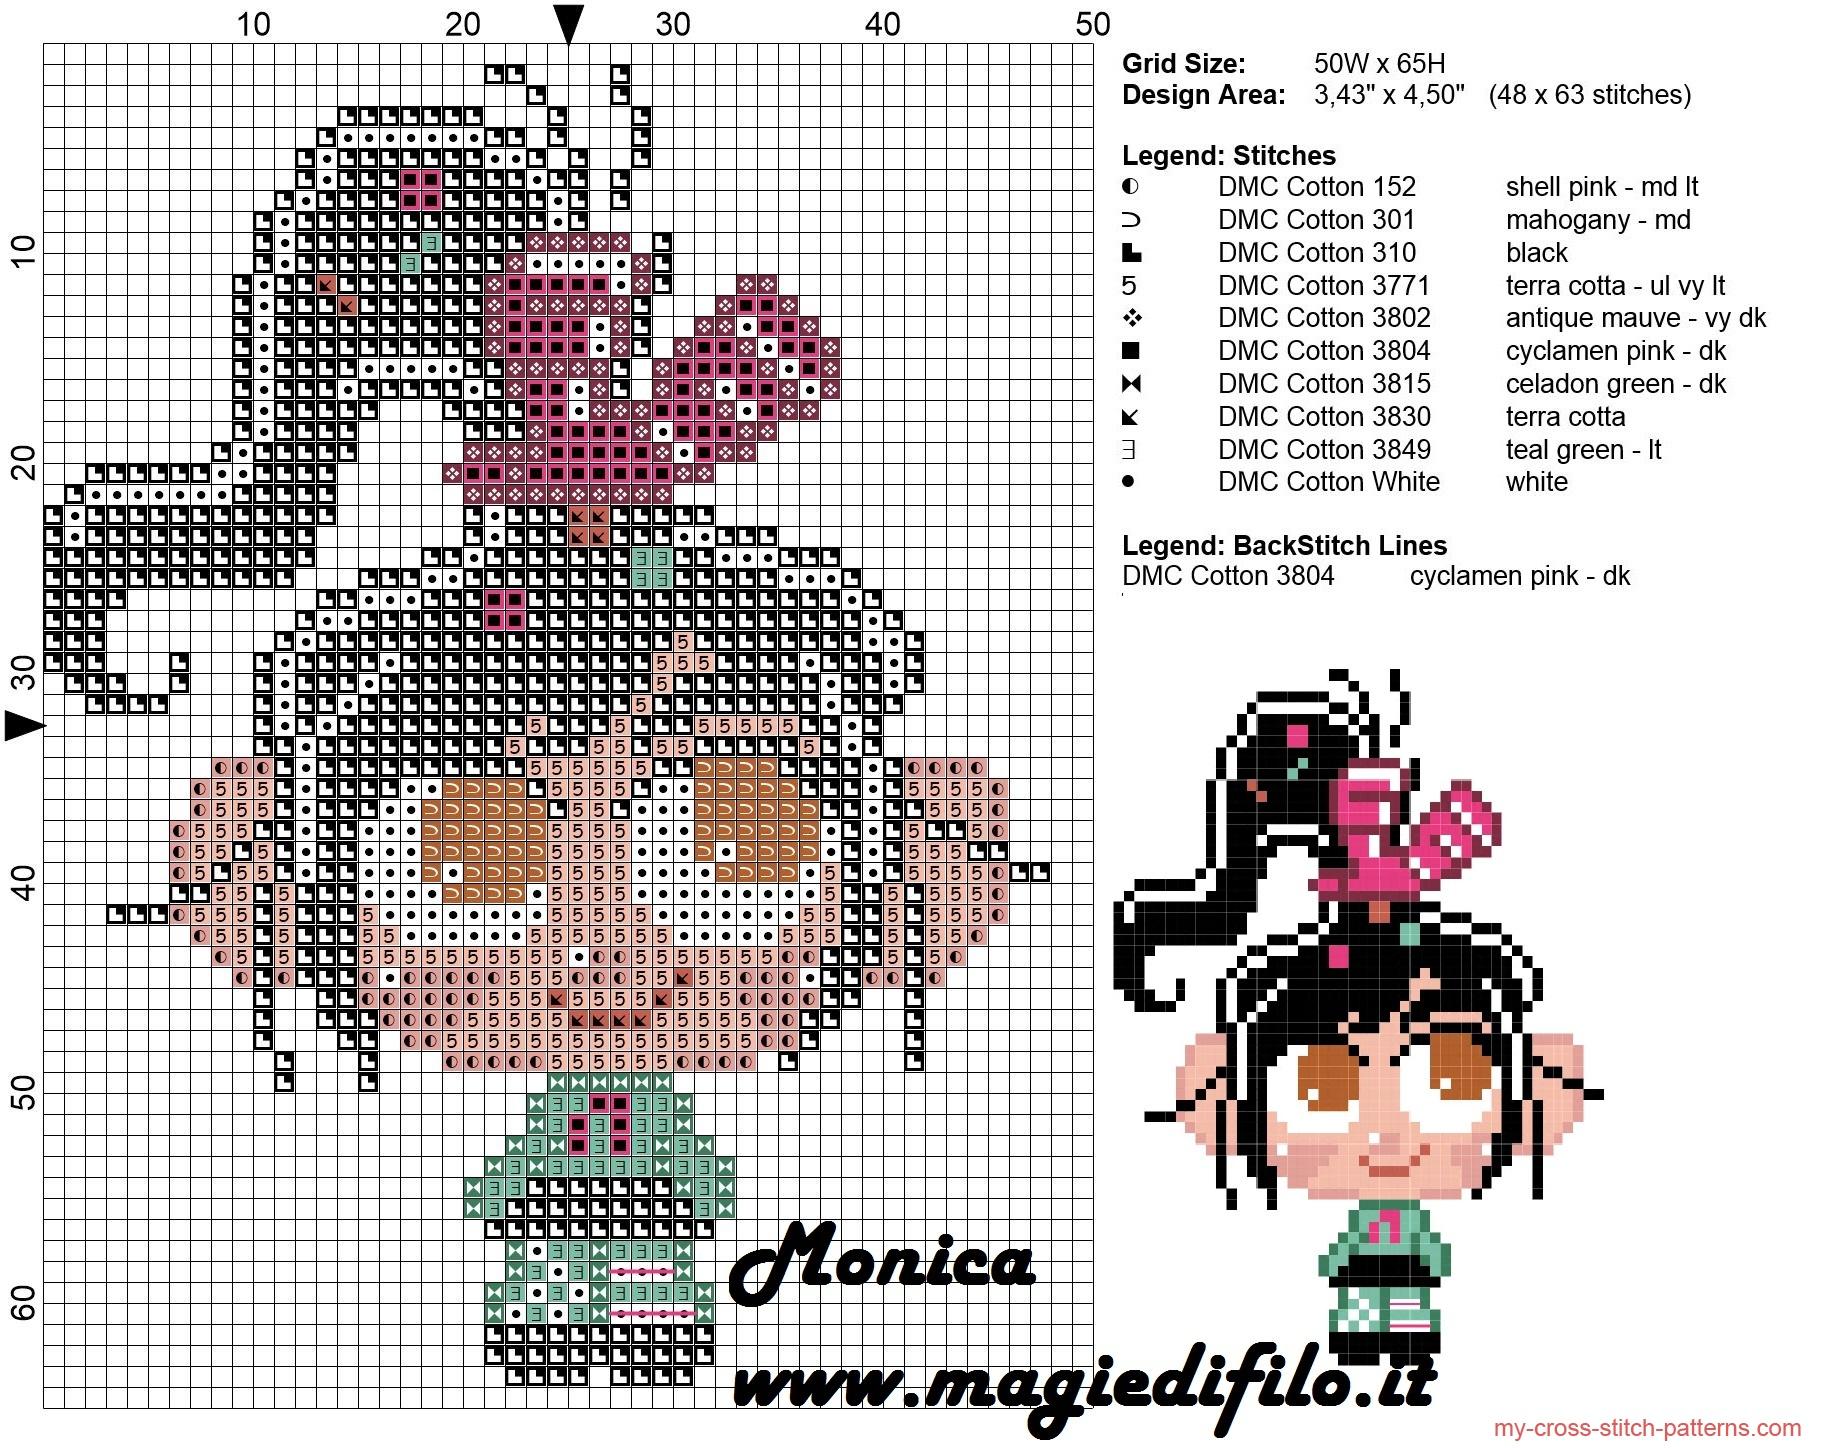 vanellope_chibi_cross_stitch_pattern_